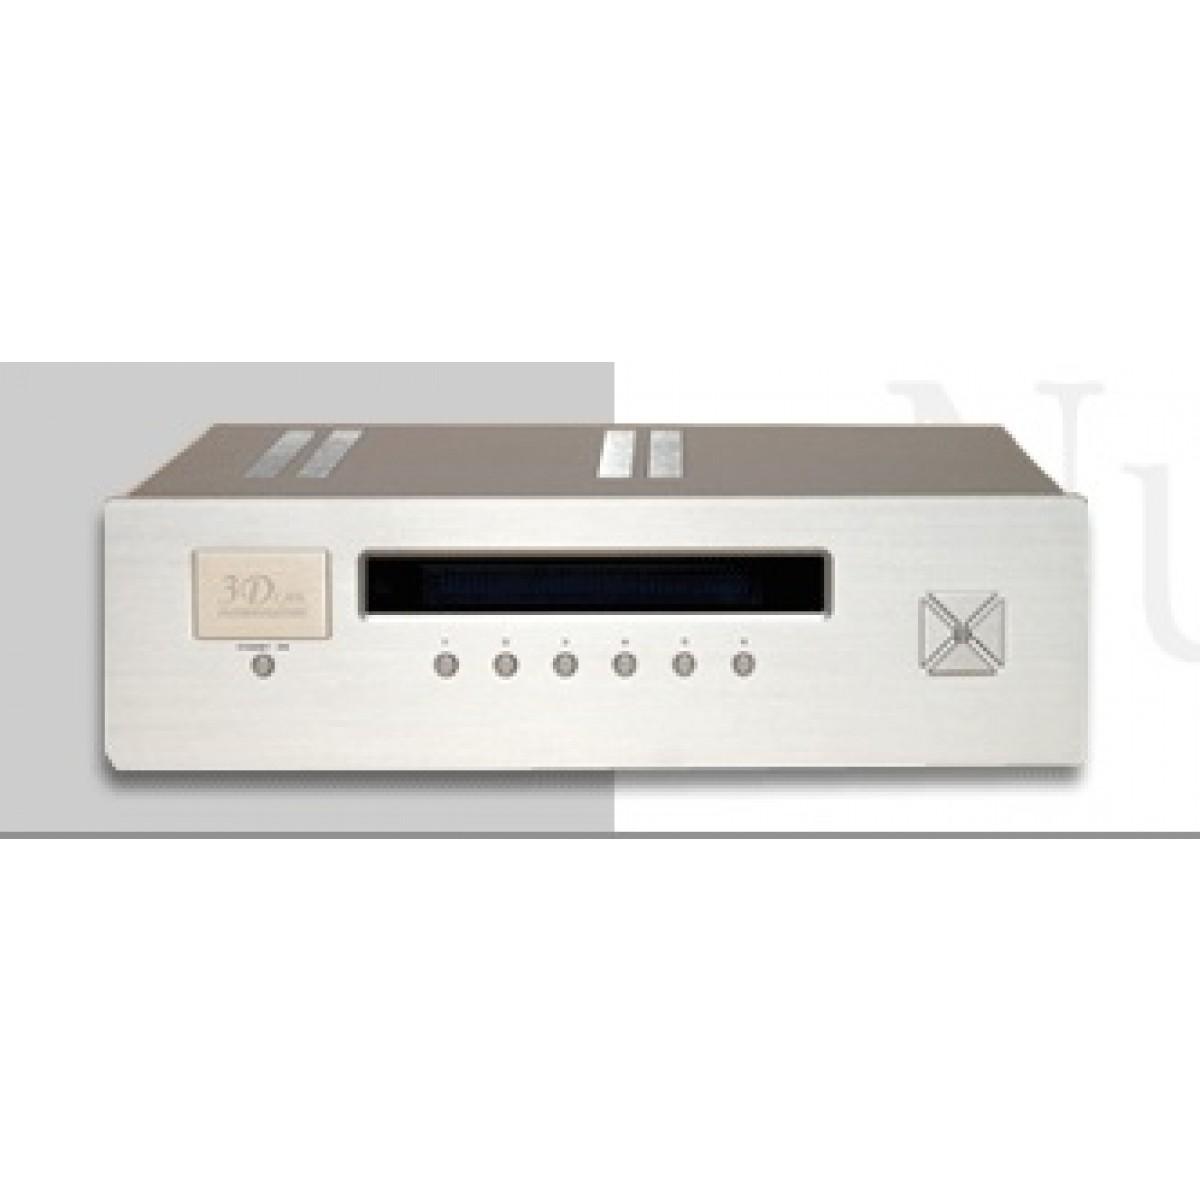 3D LAB-3D Lab PR Millenium-01